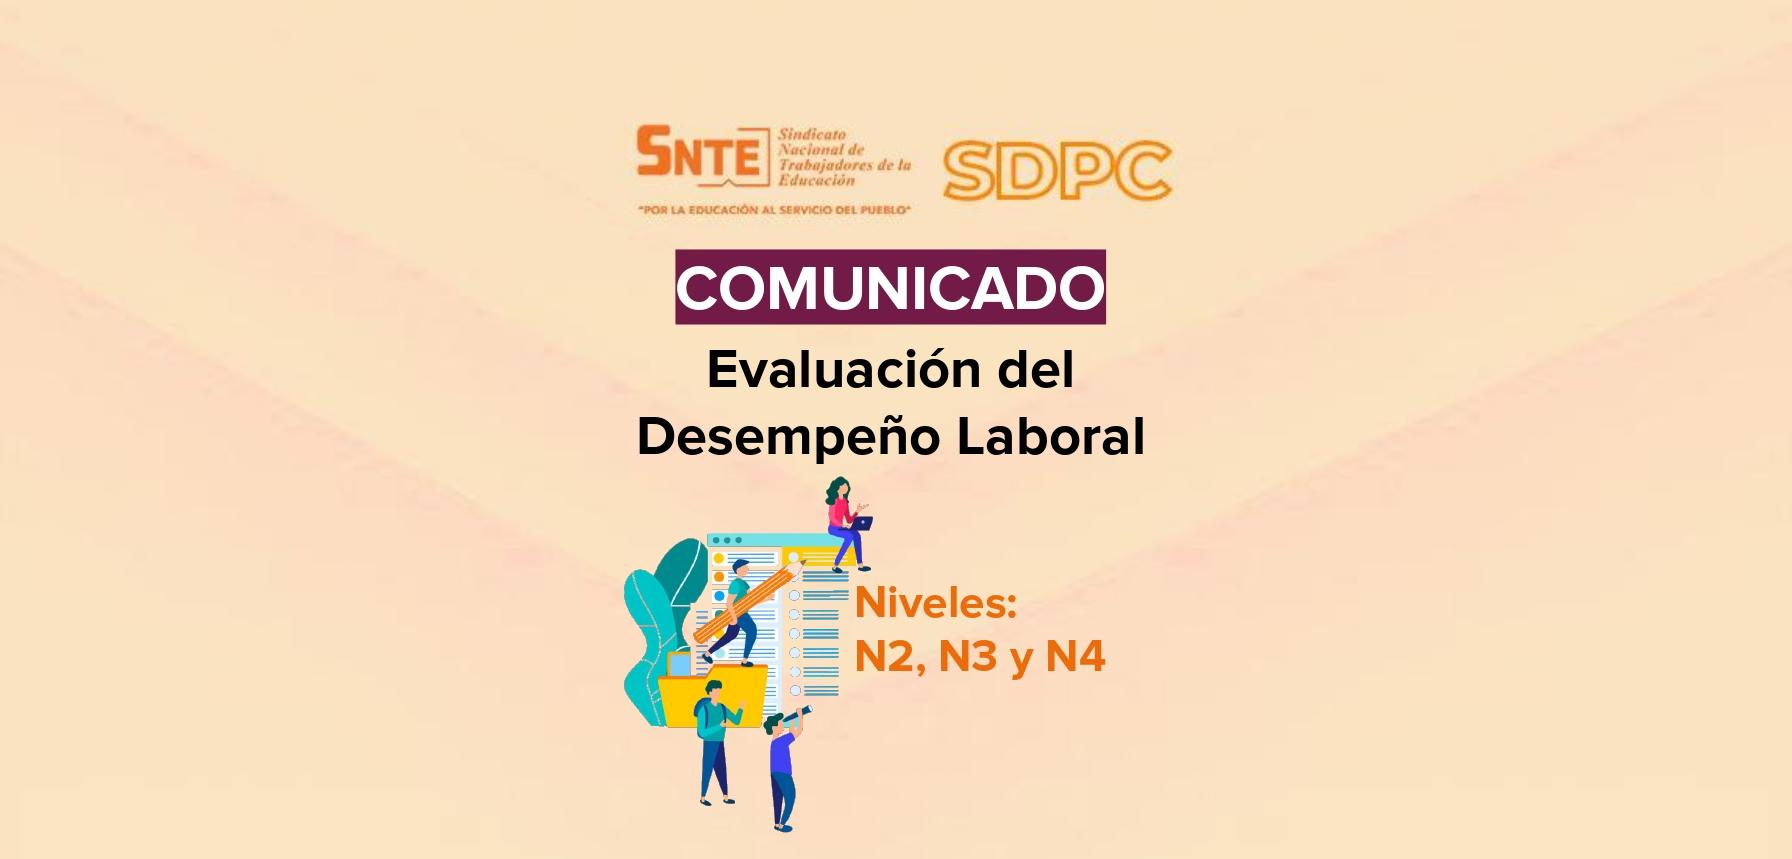 Comunicado Evaluación del Desempeño Laboral Niveles N2, N3, N4 del SDPC 2020